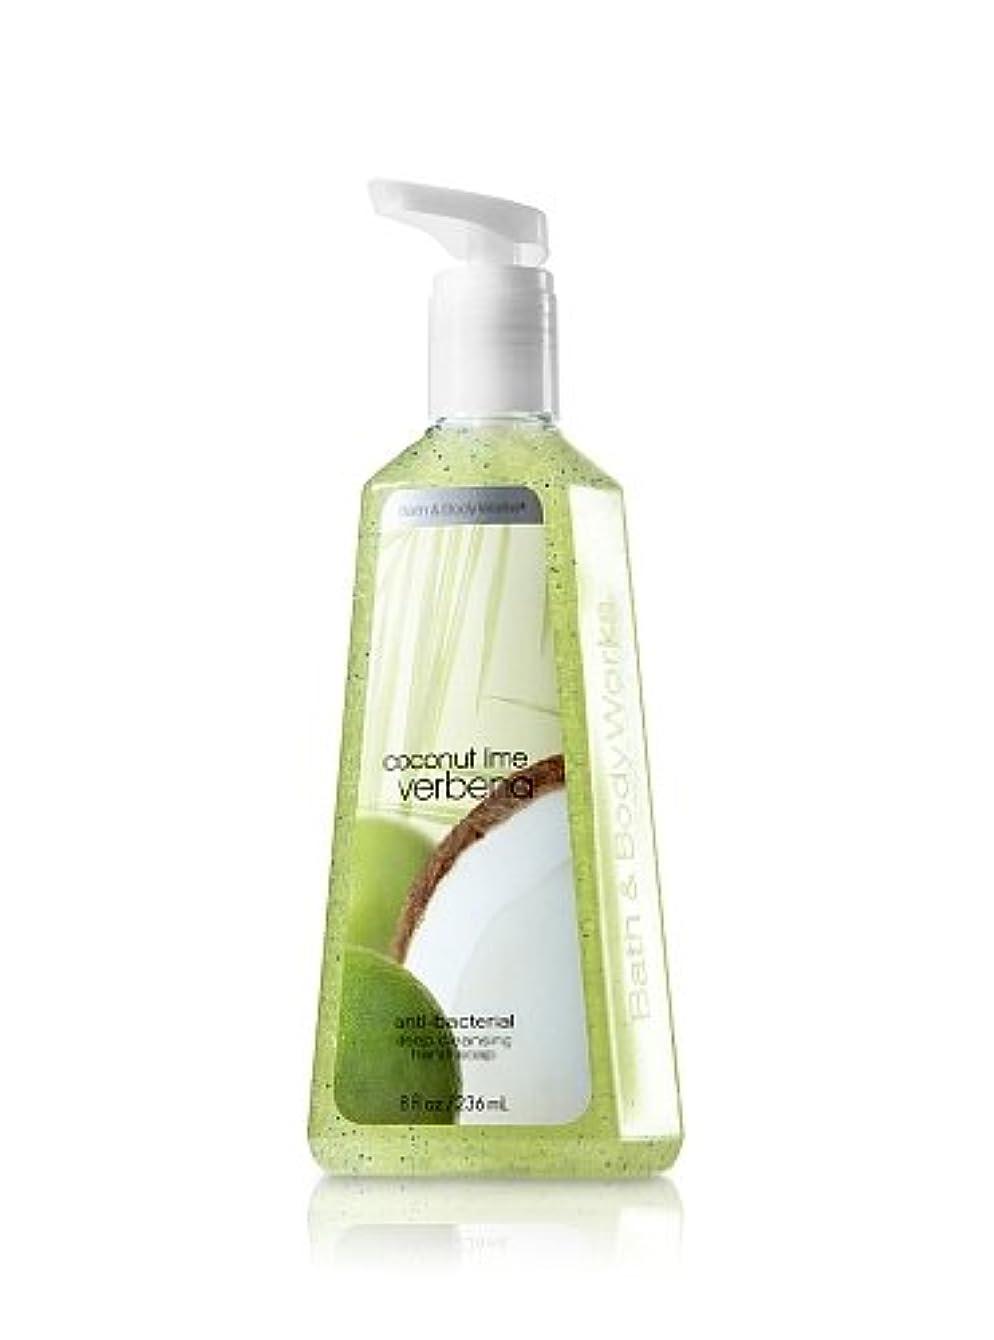 保存する証明書可動式バス&ボディワークス ココナッツライムバーベナ ディープクレンジングハンドソープ Coconut Lime Verbena Deep Cleansing Hand Soap [海外直送品]